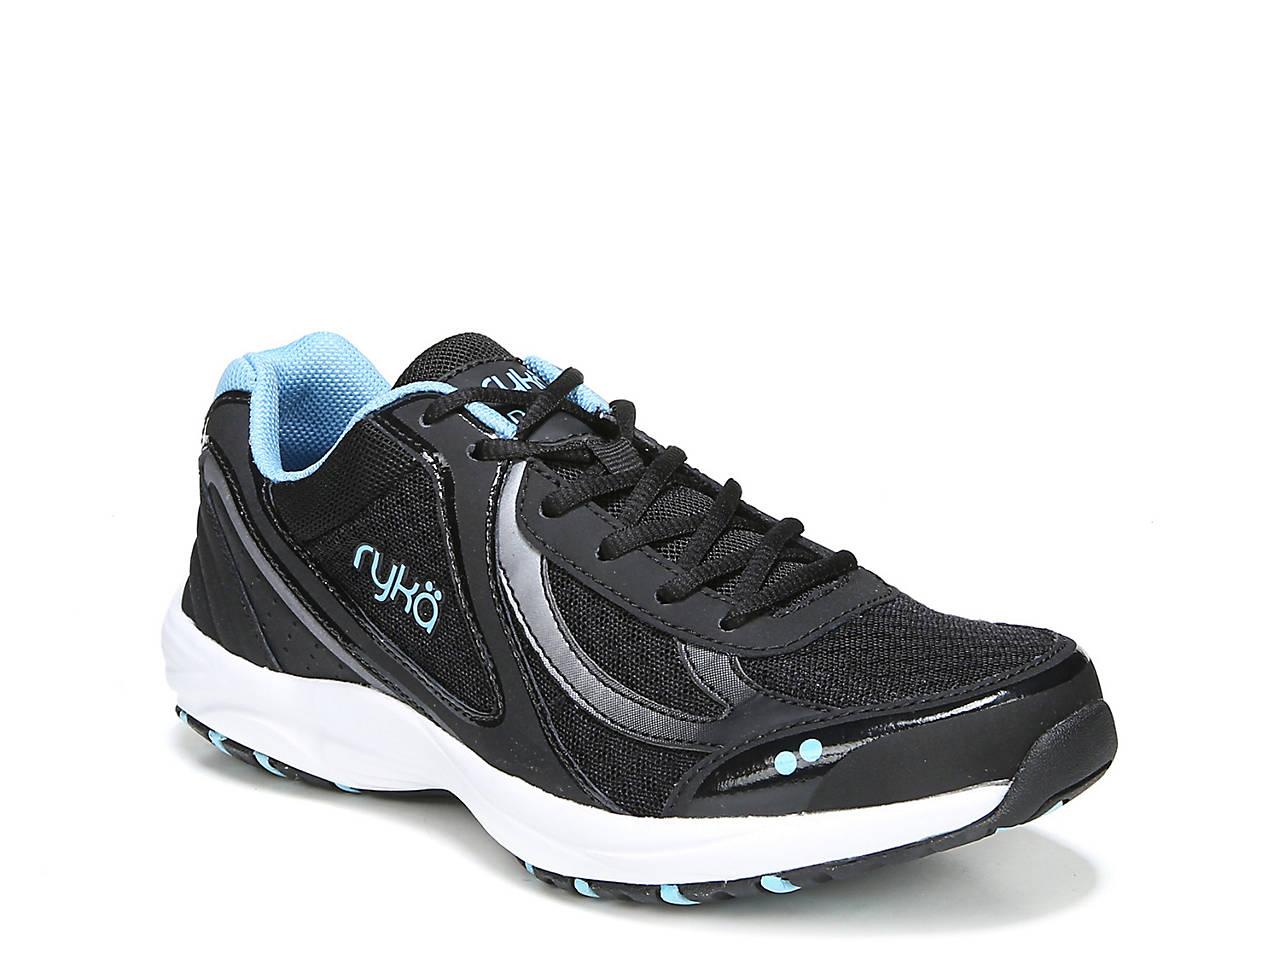 9b7250a27e7166 Ryka Dash 3 Walking Shoe - Women s Women s Shoes